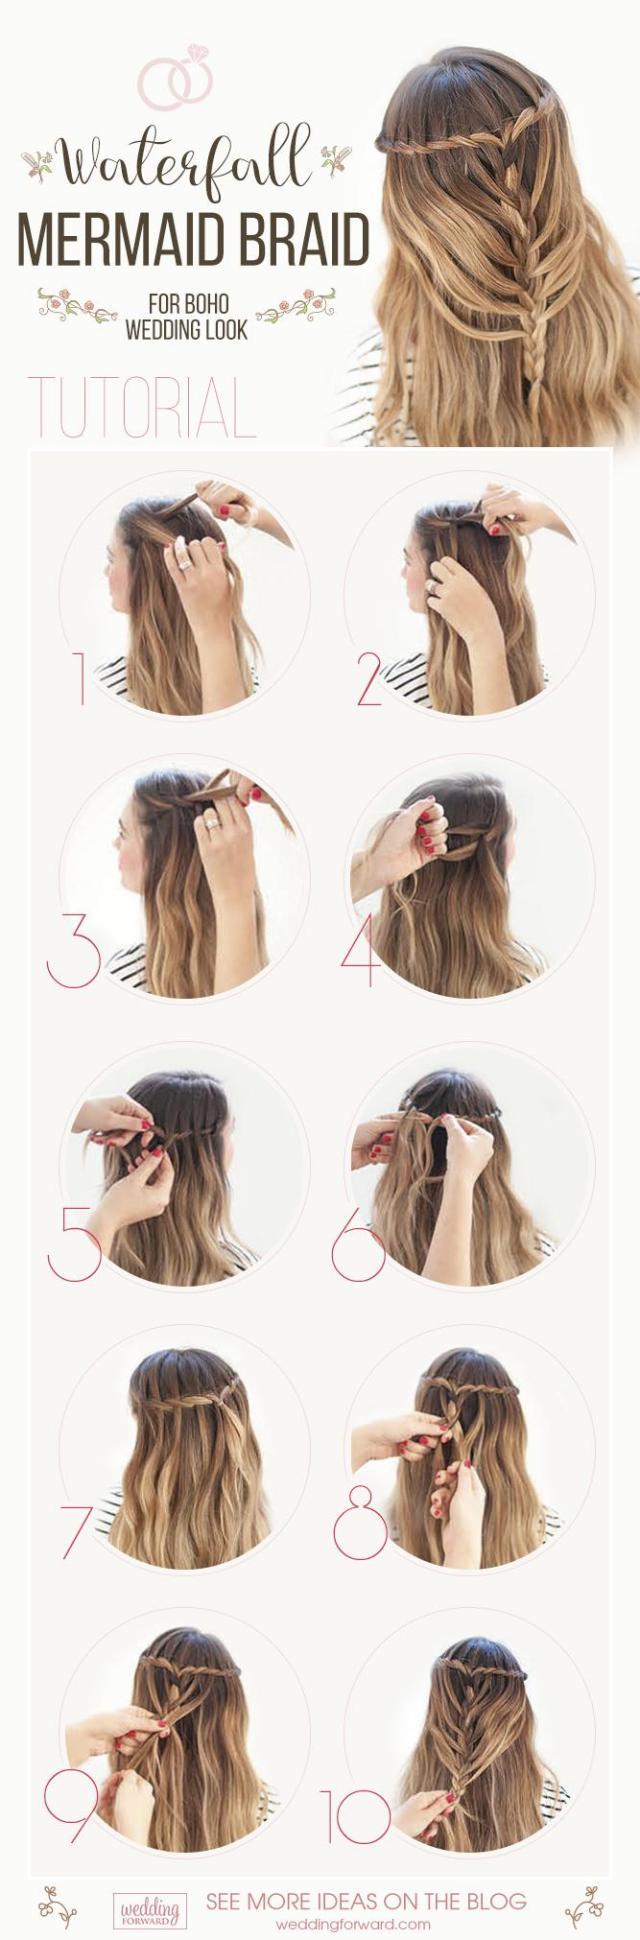 42 half up half down wedding hairstyles ideas | wedding forward